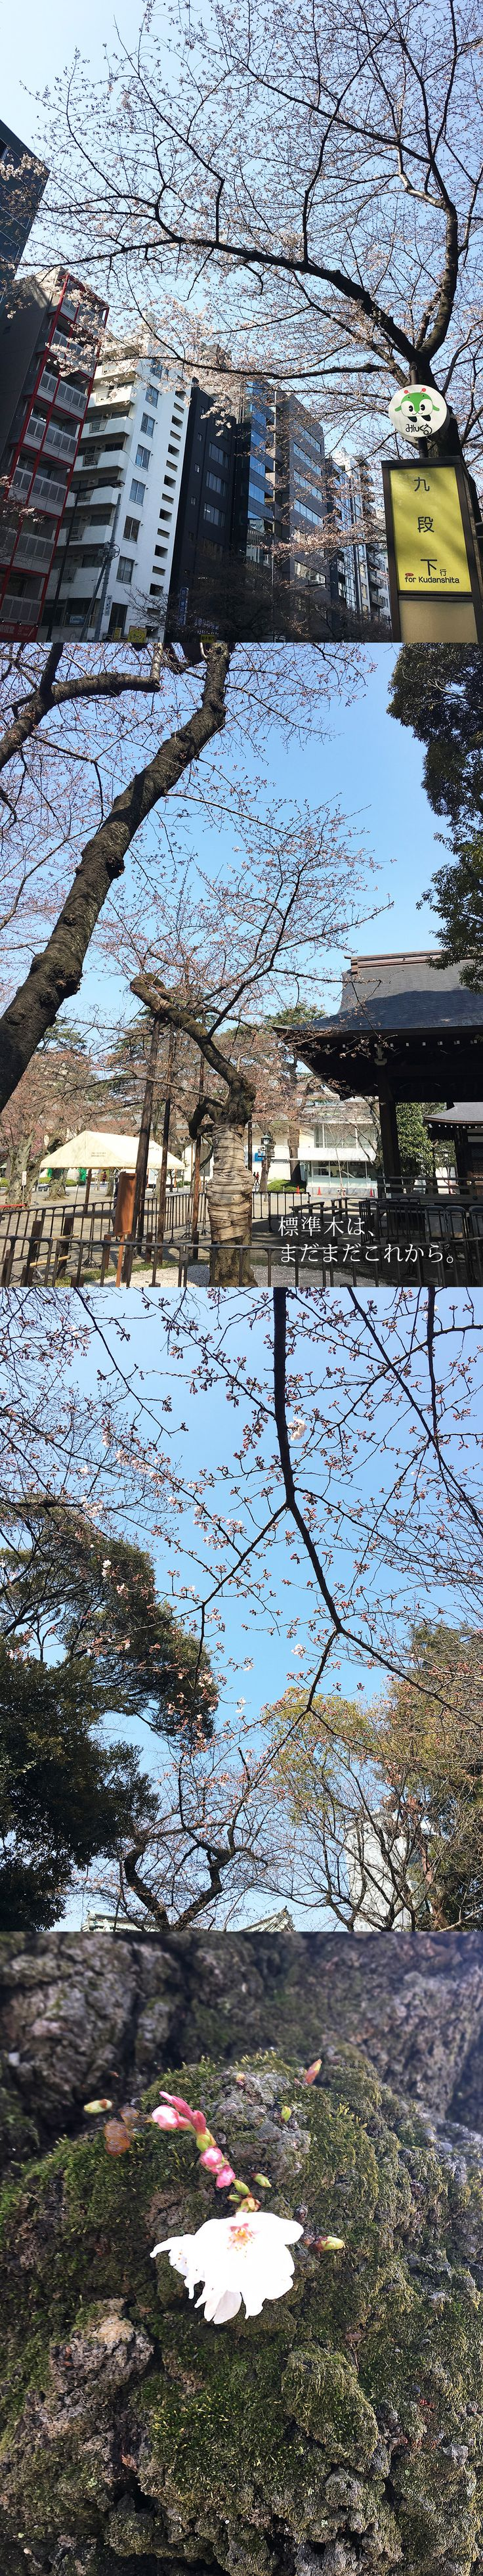 【編集者M】今日の桜のスナップです!靖国神社のつぶ子ちゃん1号は今日もうつむき気味。もしかして恥ずかしがり屋さんなのかな?標準木 はまだまだこれからですが、他の木は少しずつ咲きはじめています✨靖国通りは順調に咲きはじめていますお花見が楽しみですね!